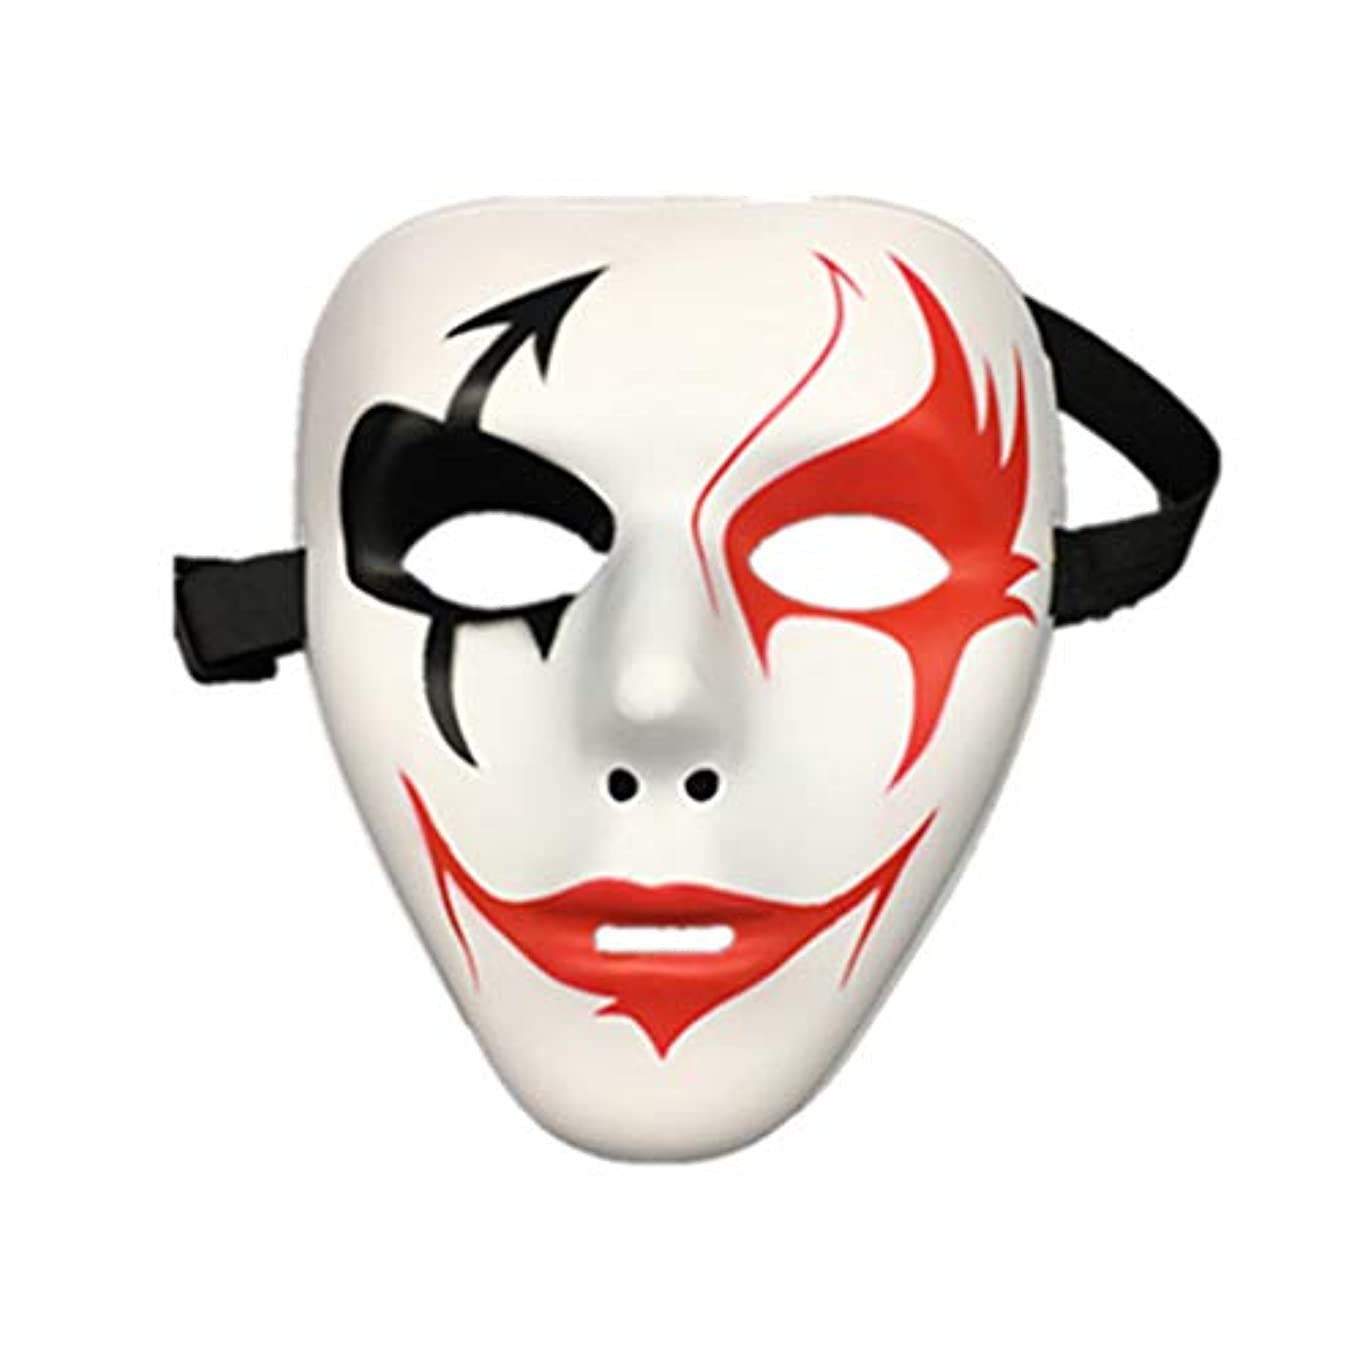 貧困面白い届けるハロウィンマスクフルフェイスストリートダンス振動マスク仮装変なマスクダンスマスク